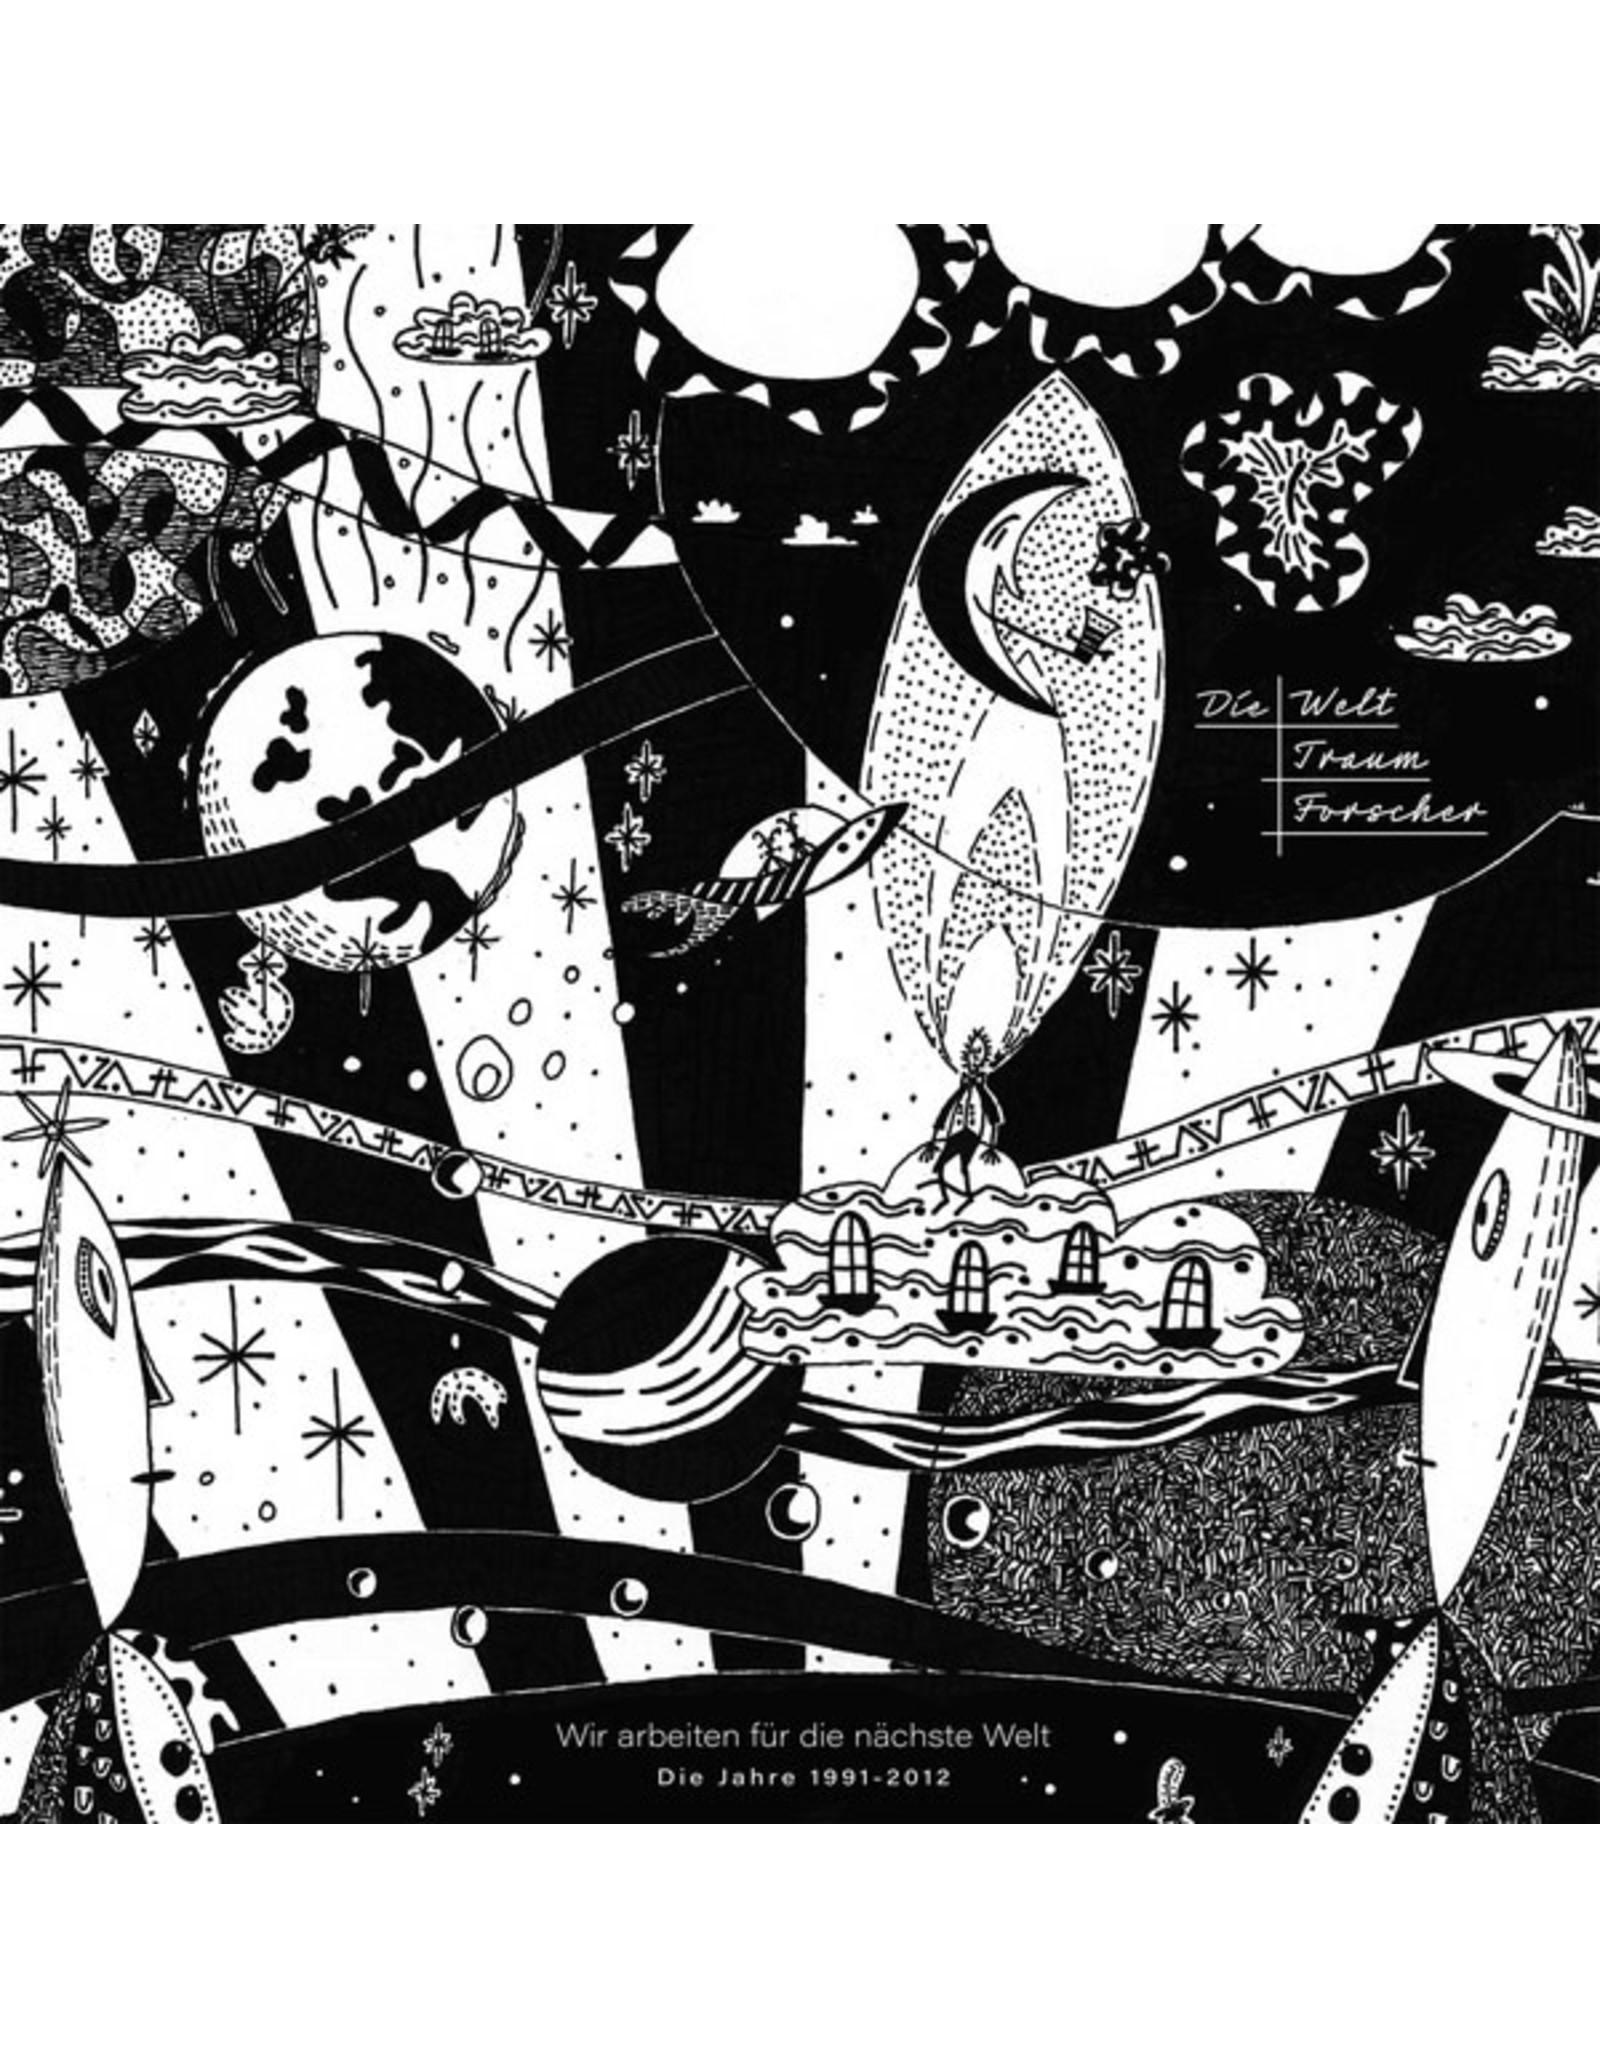 New Vinyl Die Welttraumforscher- Wir Arbeiten Fur Die Nachste Welt (1991-2012) LP